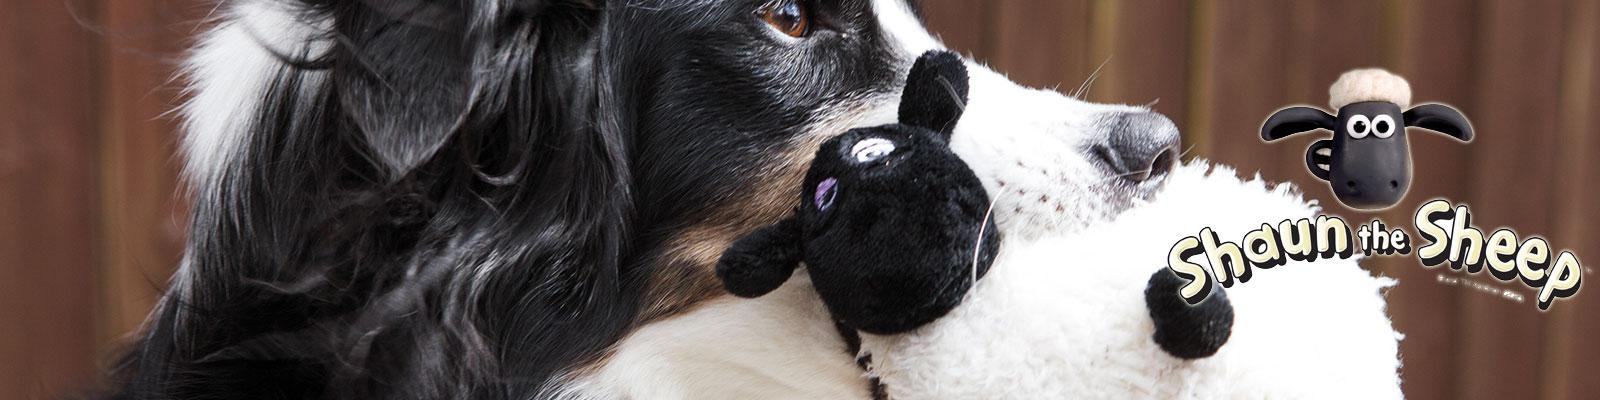 Shaun das Schaf - die Hundekollektion von TRIXIE, Bild 5